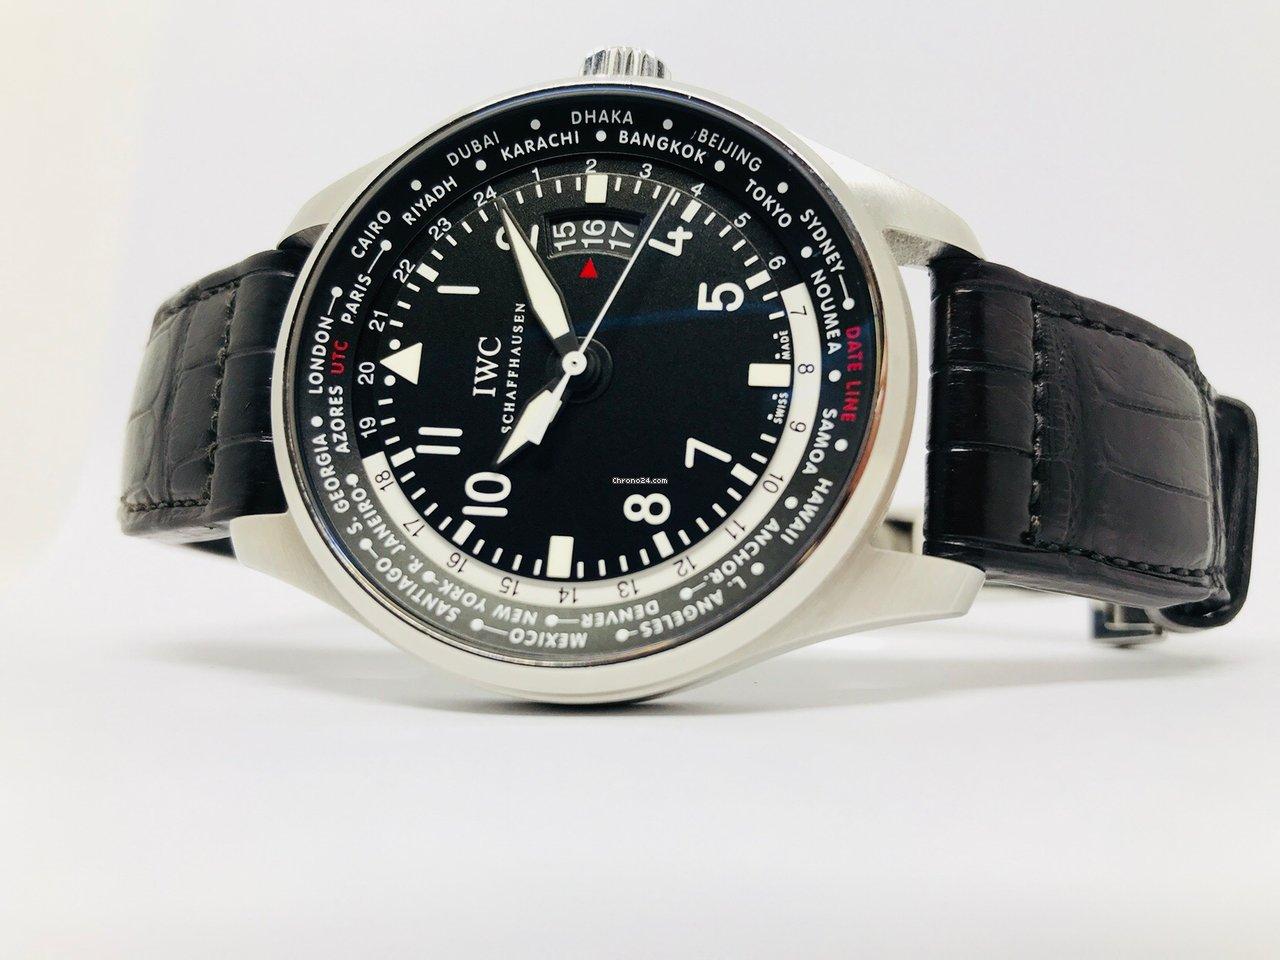 IWC Pilot Worldtimer eladó 1 448 307 Ft Trusted Seller státuszú eladótól a  Chrono24-en 74edf462ac